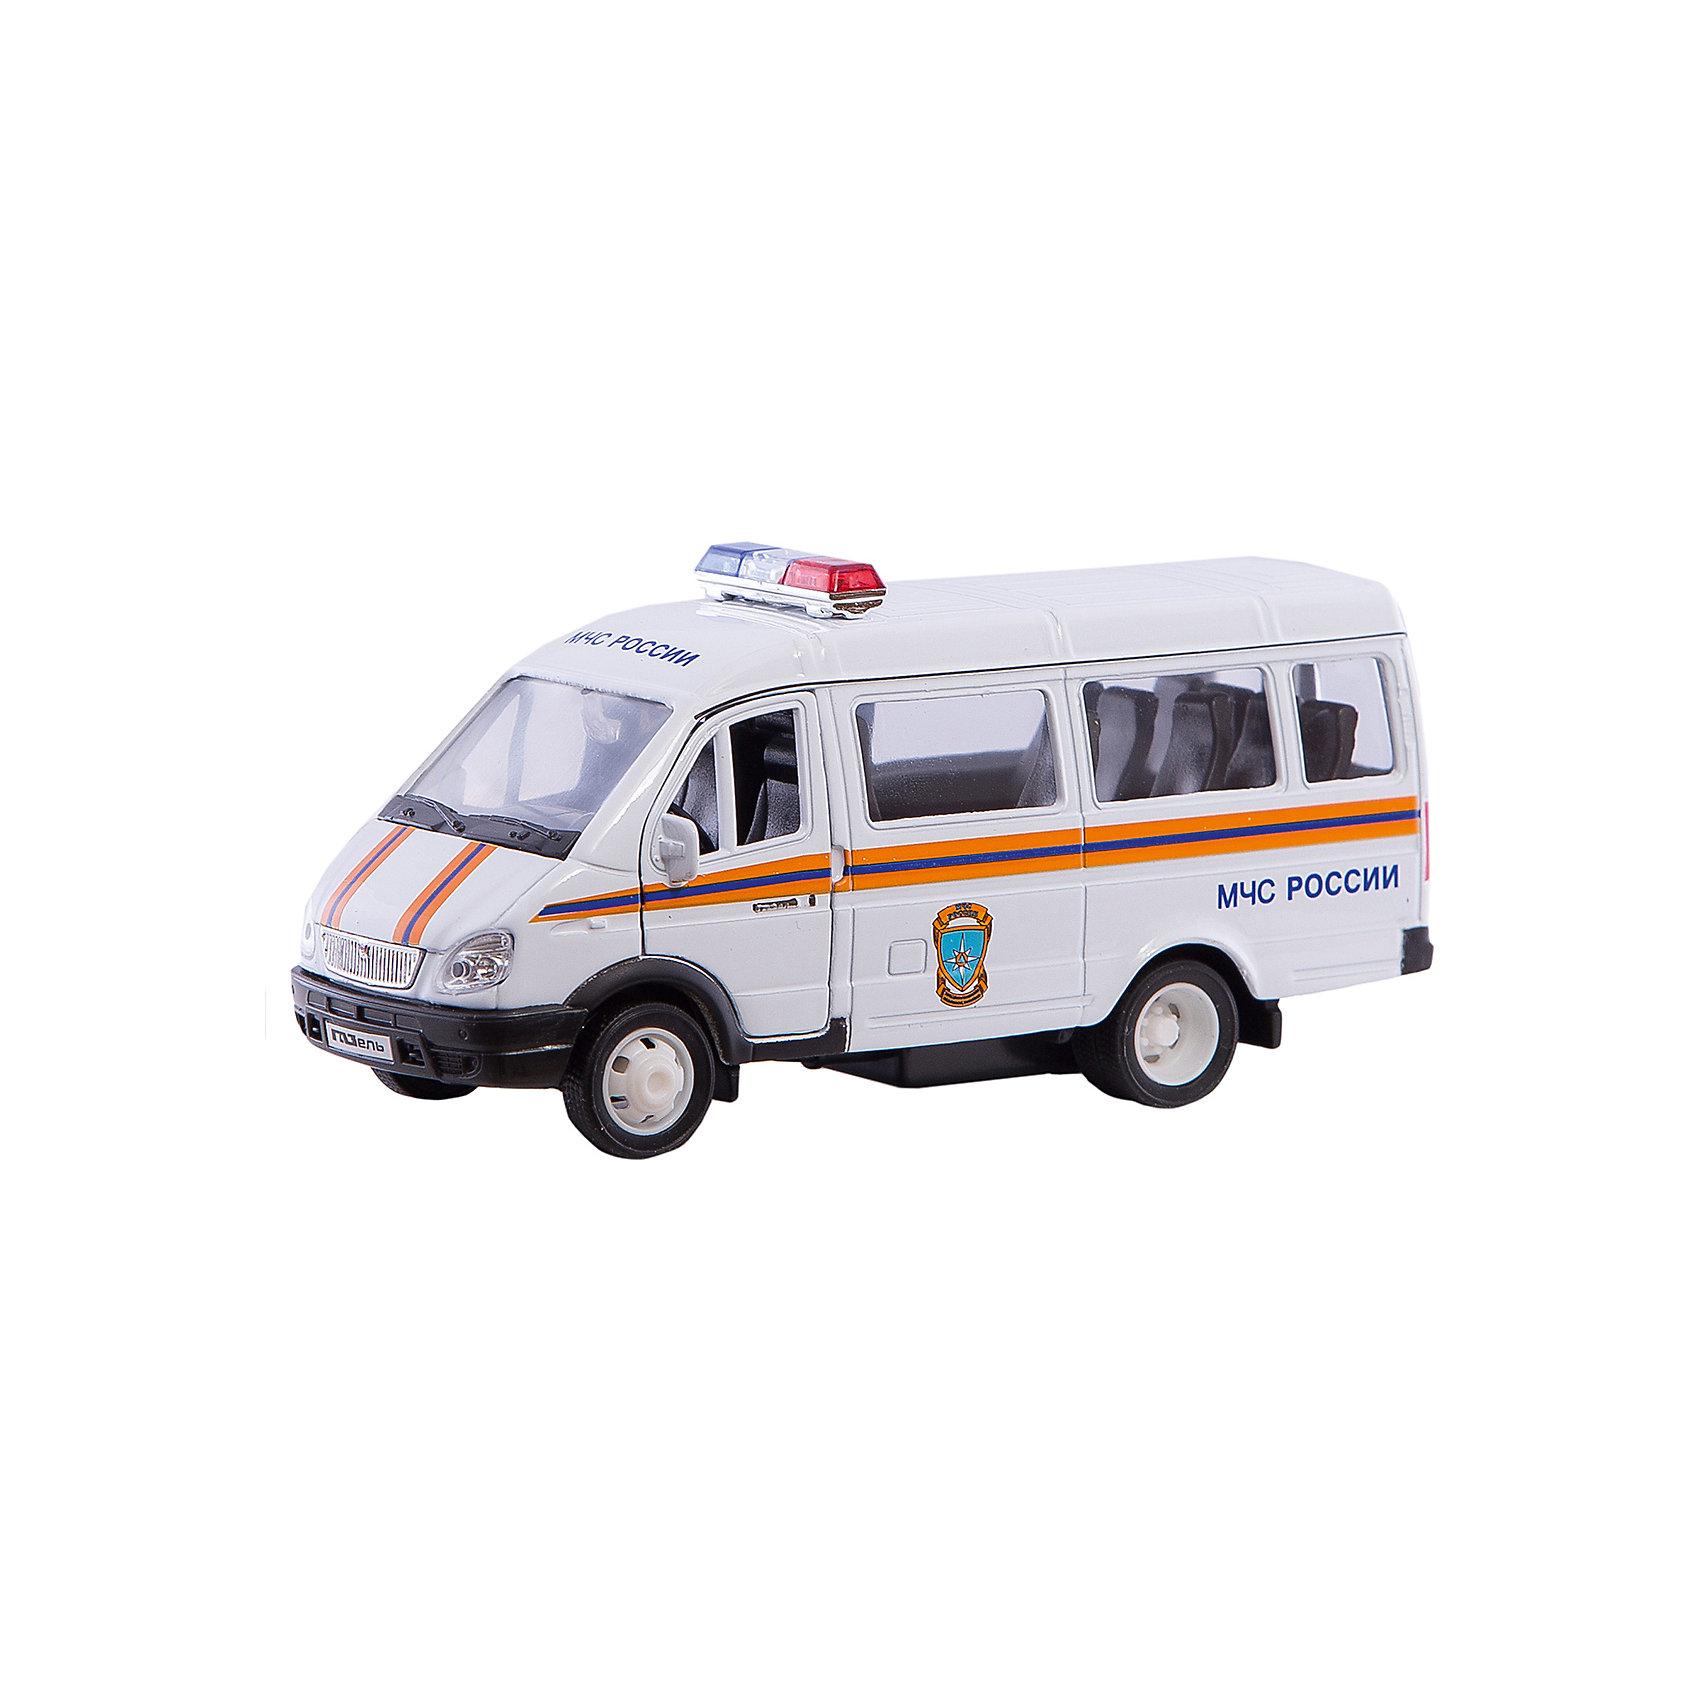 Welly Модель машины ГАЗель МЧСWelly Модель машины ГАЗель МЧС<br><br>Характеристика:<br><br>-Размер : 12х3,5 см<br>-Вес: 0,15 кг<br>-Для мальчиков<br>-Возраст: от 3 лет<br>-Материал: пластик, металл, резина<br>-Цвет: белый, синий, красный<br>-Бренд: Welly<br>-Производитель: Китай<br><br>Welly Модель машины ГАЗель МЧС - это уменьшенная версия настоящей машины МЧС. Машина выполнена очень реалистично, учитывая все тонкости настоящего, большого автомобиля. Она имеет систему открывания передних дверей и инерционный механизм. В процессе игры ребёнок будет развивать фантазию, воображение и моторику рук. Также ребёнок сможет узнать, как работают сотрудники МЧС и заинтересоваться этой профессией.<br><br>Welly Модель машины ГАЗель МЧС можно приобрести в нашем интернет-магазине.<br><br>Ширина мм: 165<br>Глубина мм: 60<br>Высота мм: 140<br>Вес г: 240<br>Возраст от месяцев: 84<br>Возраст до месяцев: 1188<br>Пол: Мужской<br>Возраст: Детский<br>SKU: 2150222